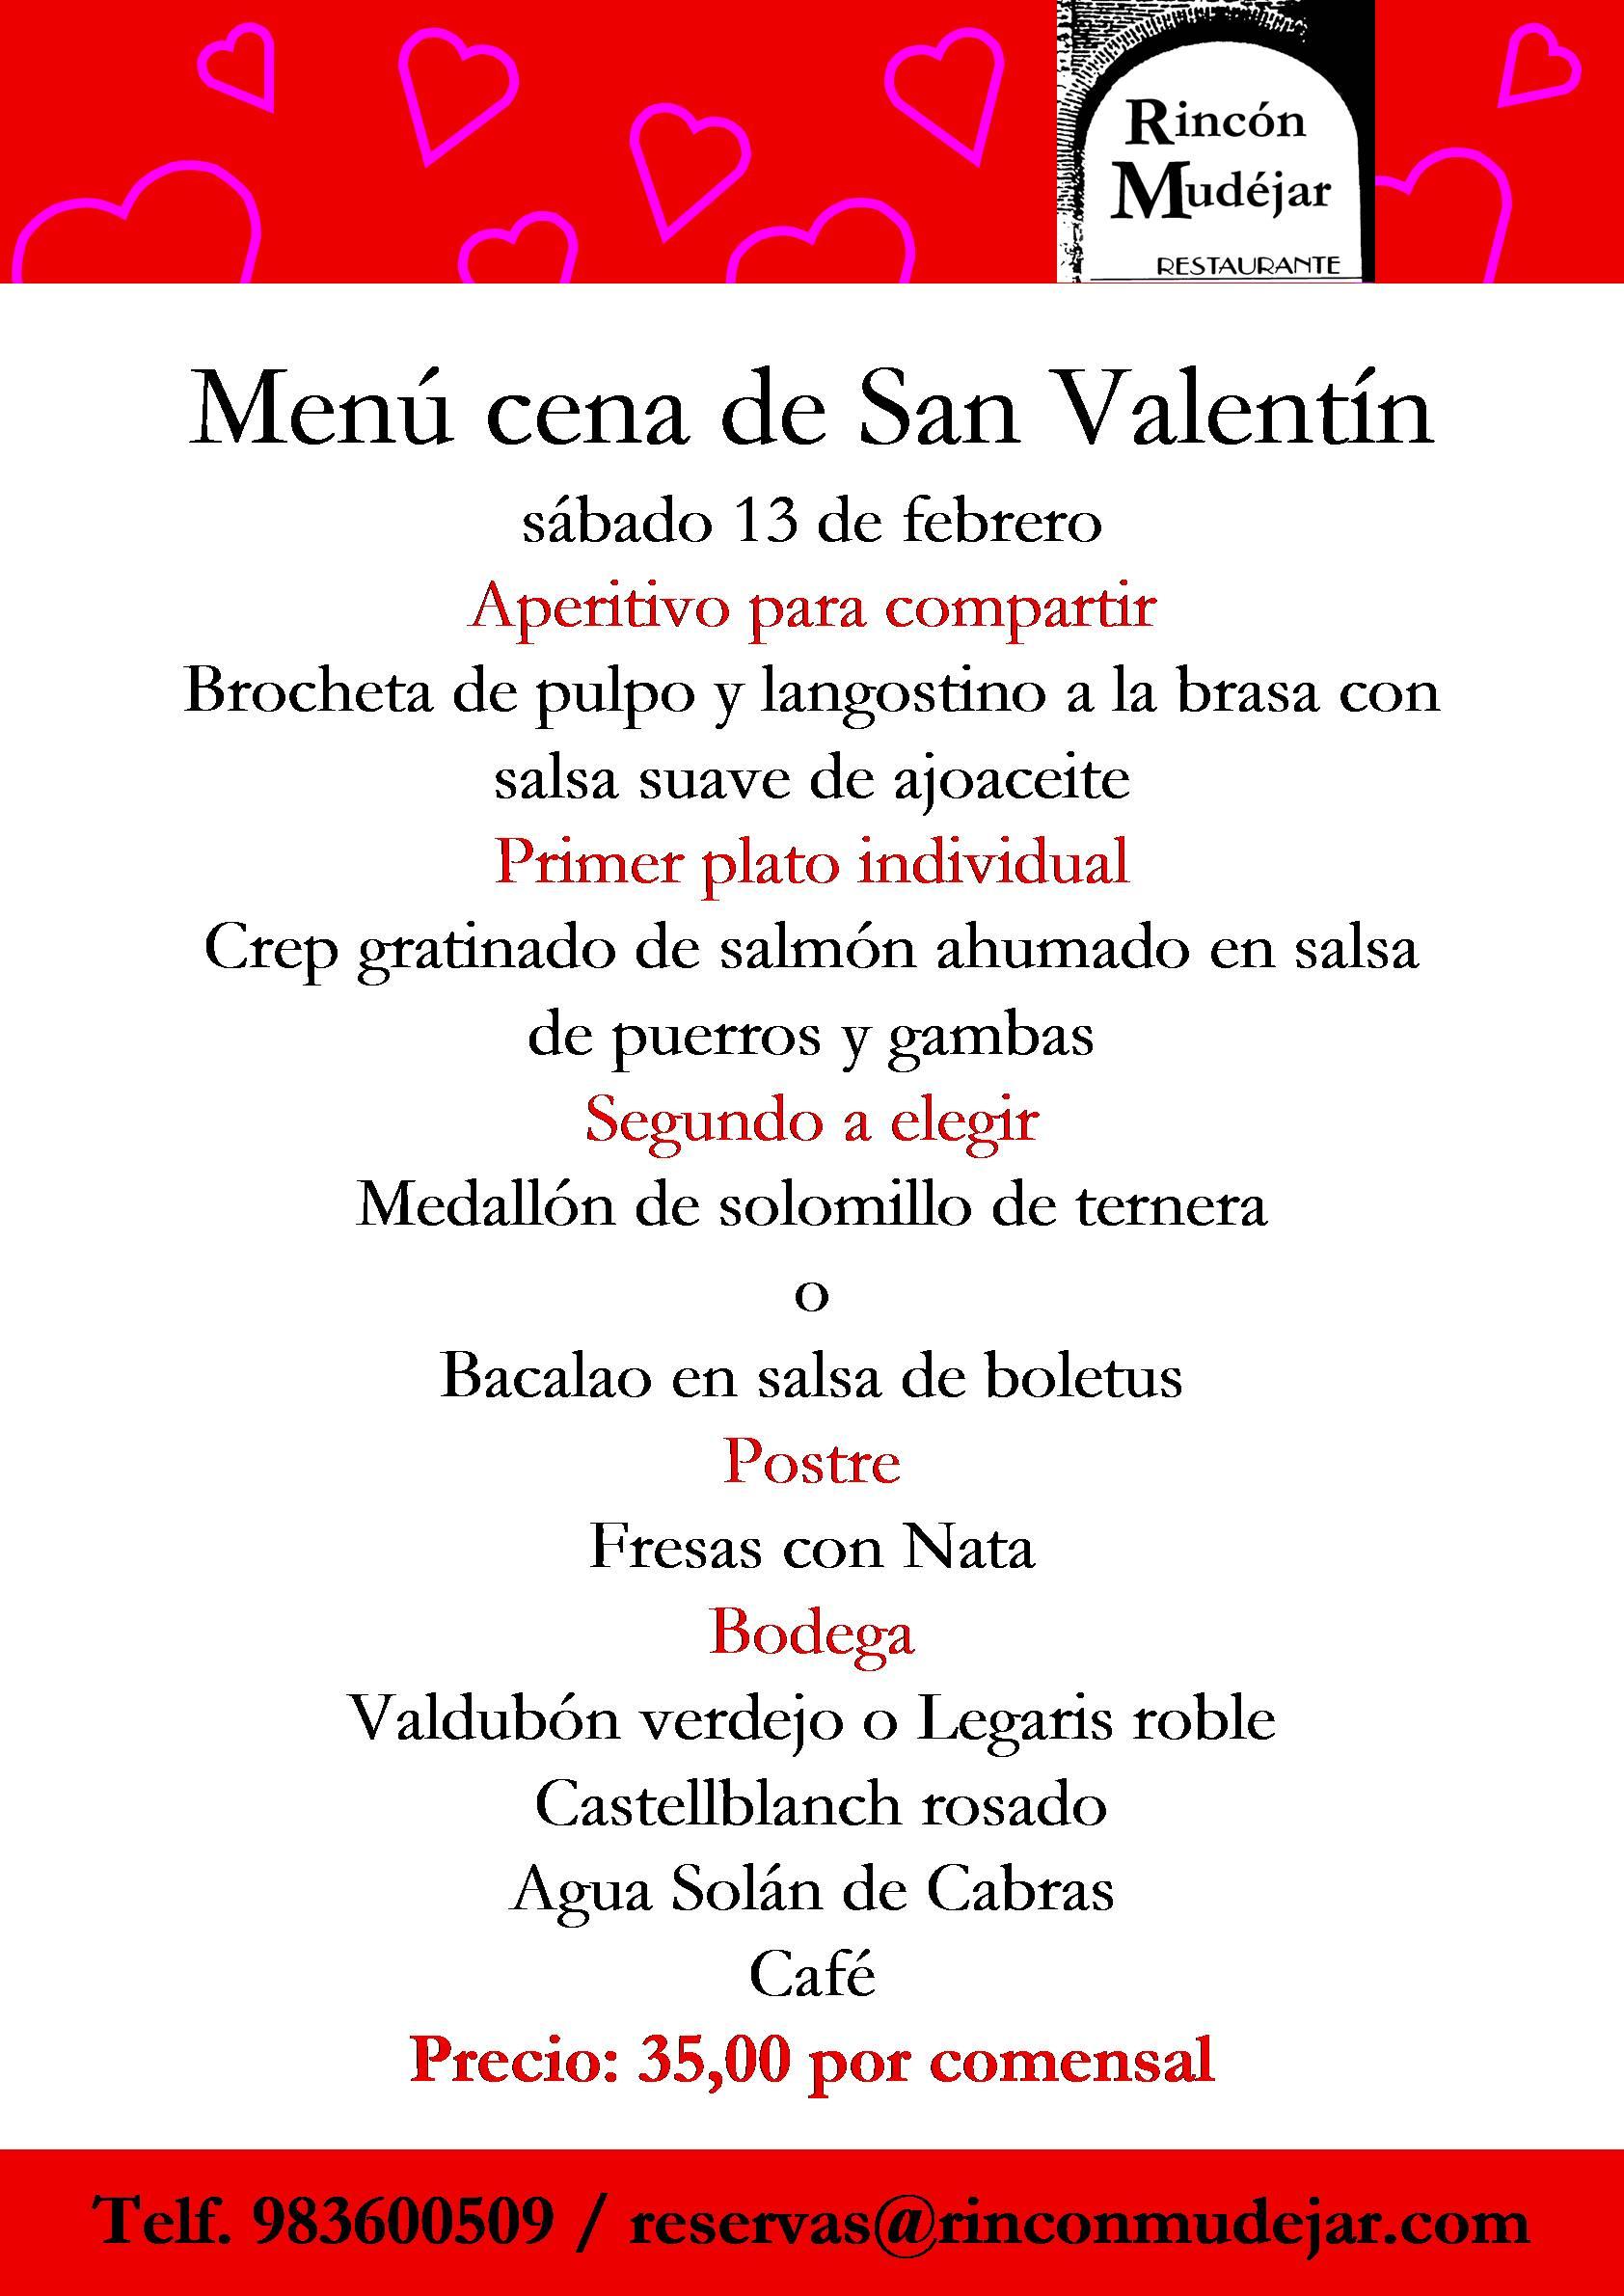 Menú cena San Valentín 2016